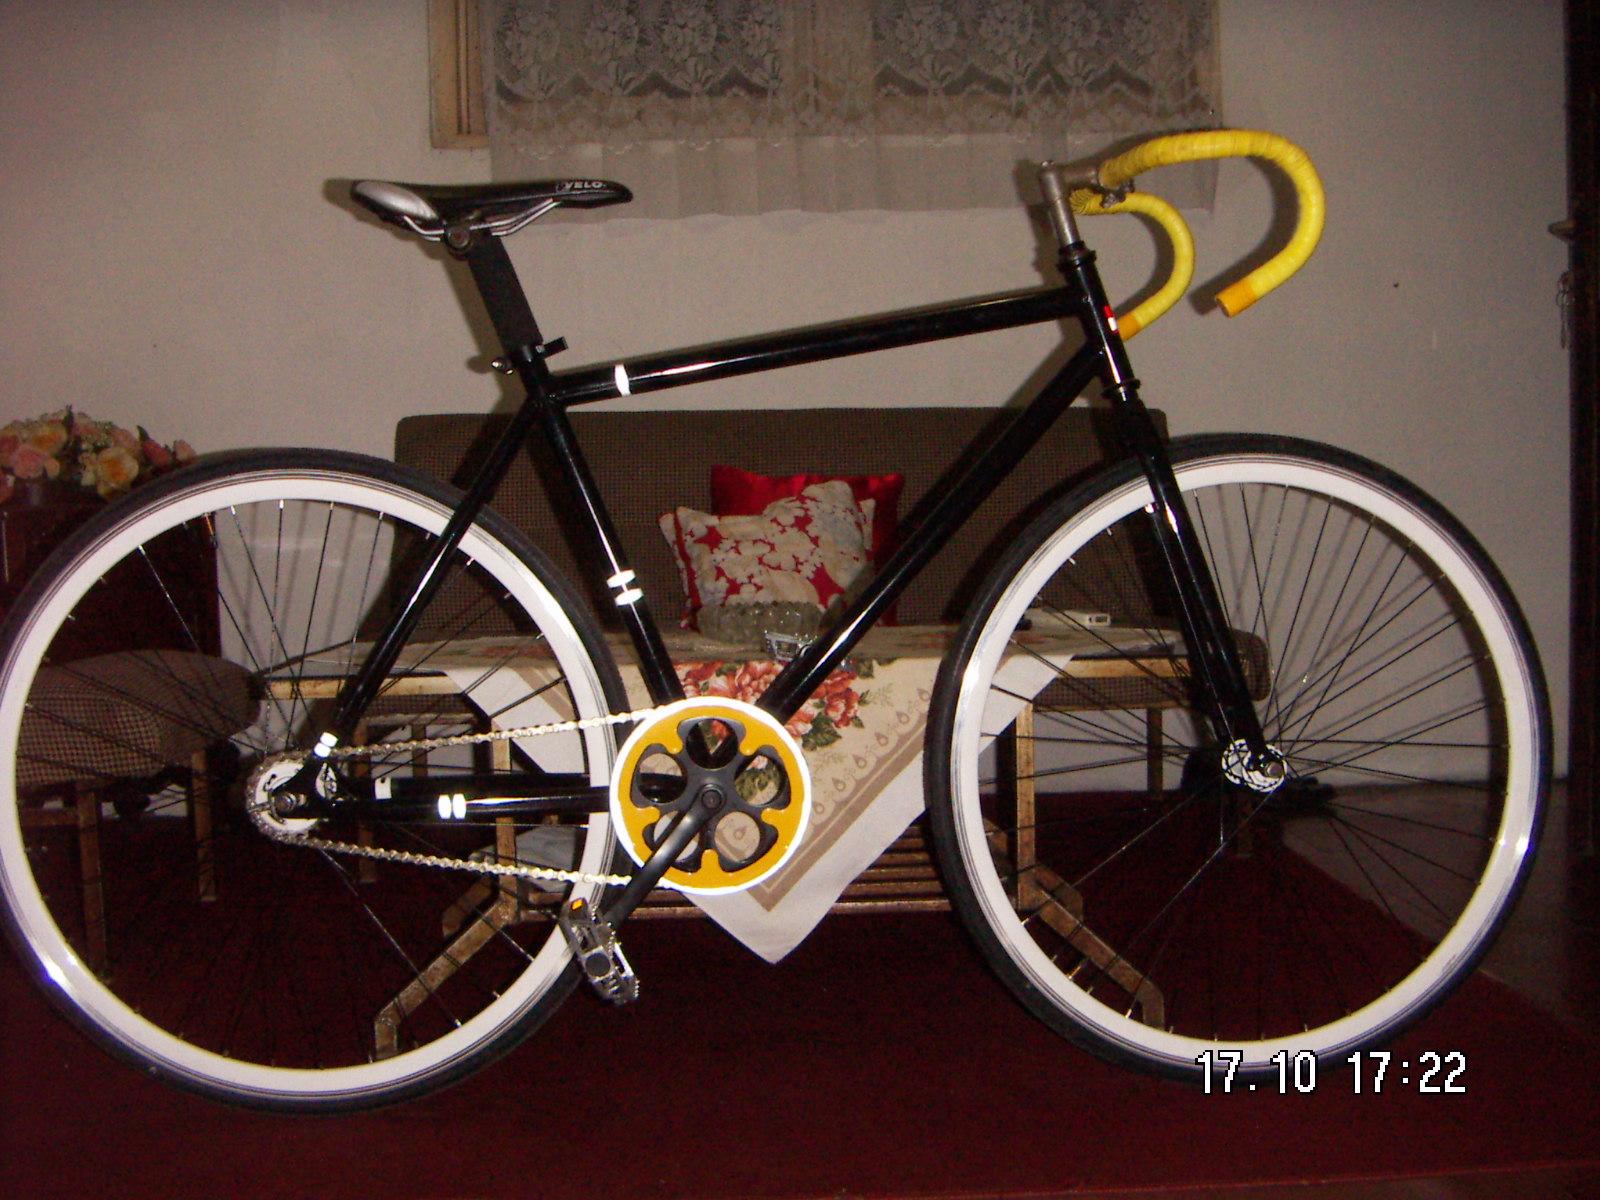 onthel ajjah: jual sepeda fixie murah...